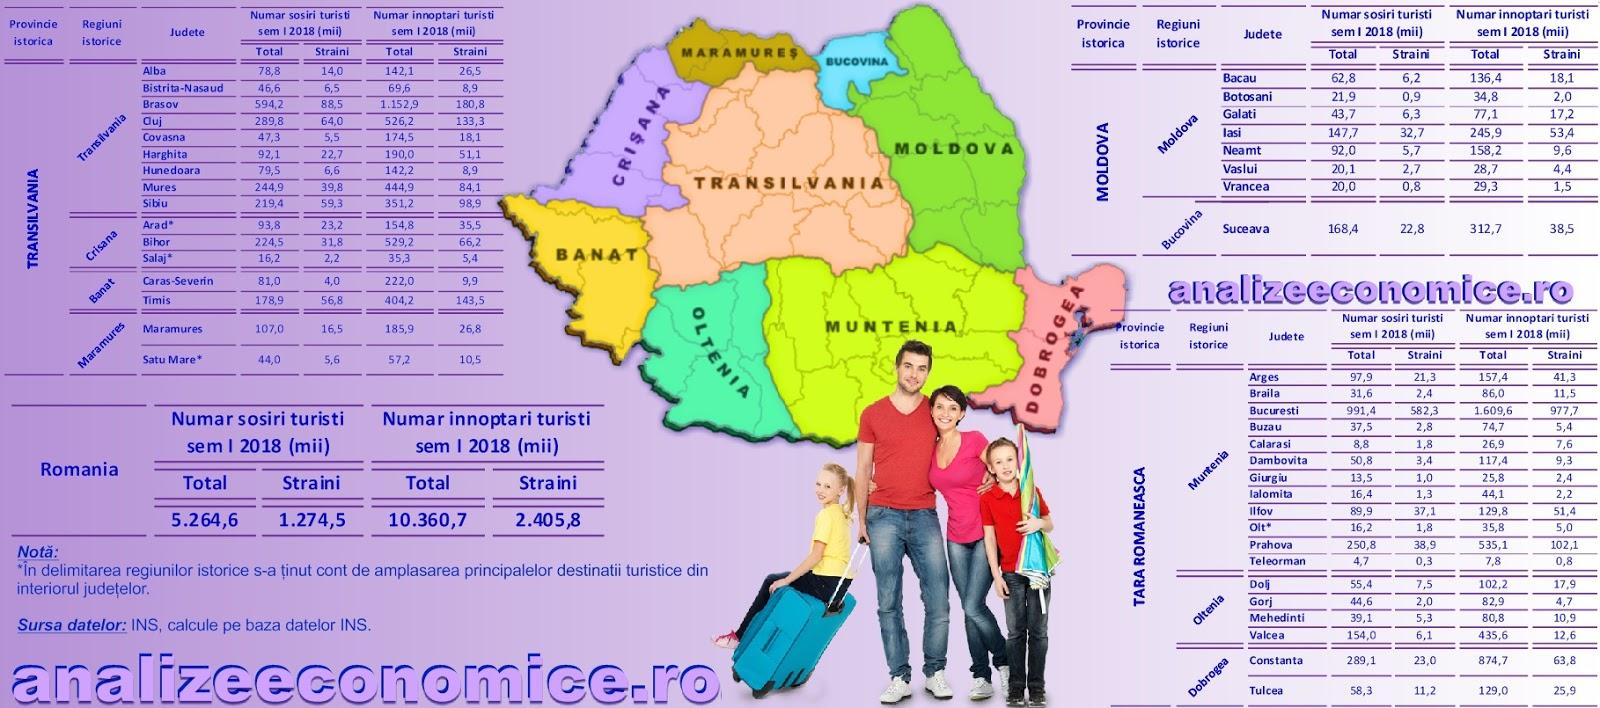 Care Au Fost Cele Mai Vizitate De Turiști Regiuni Istorice Din